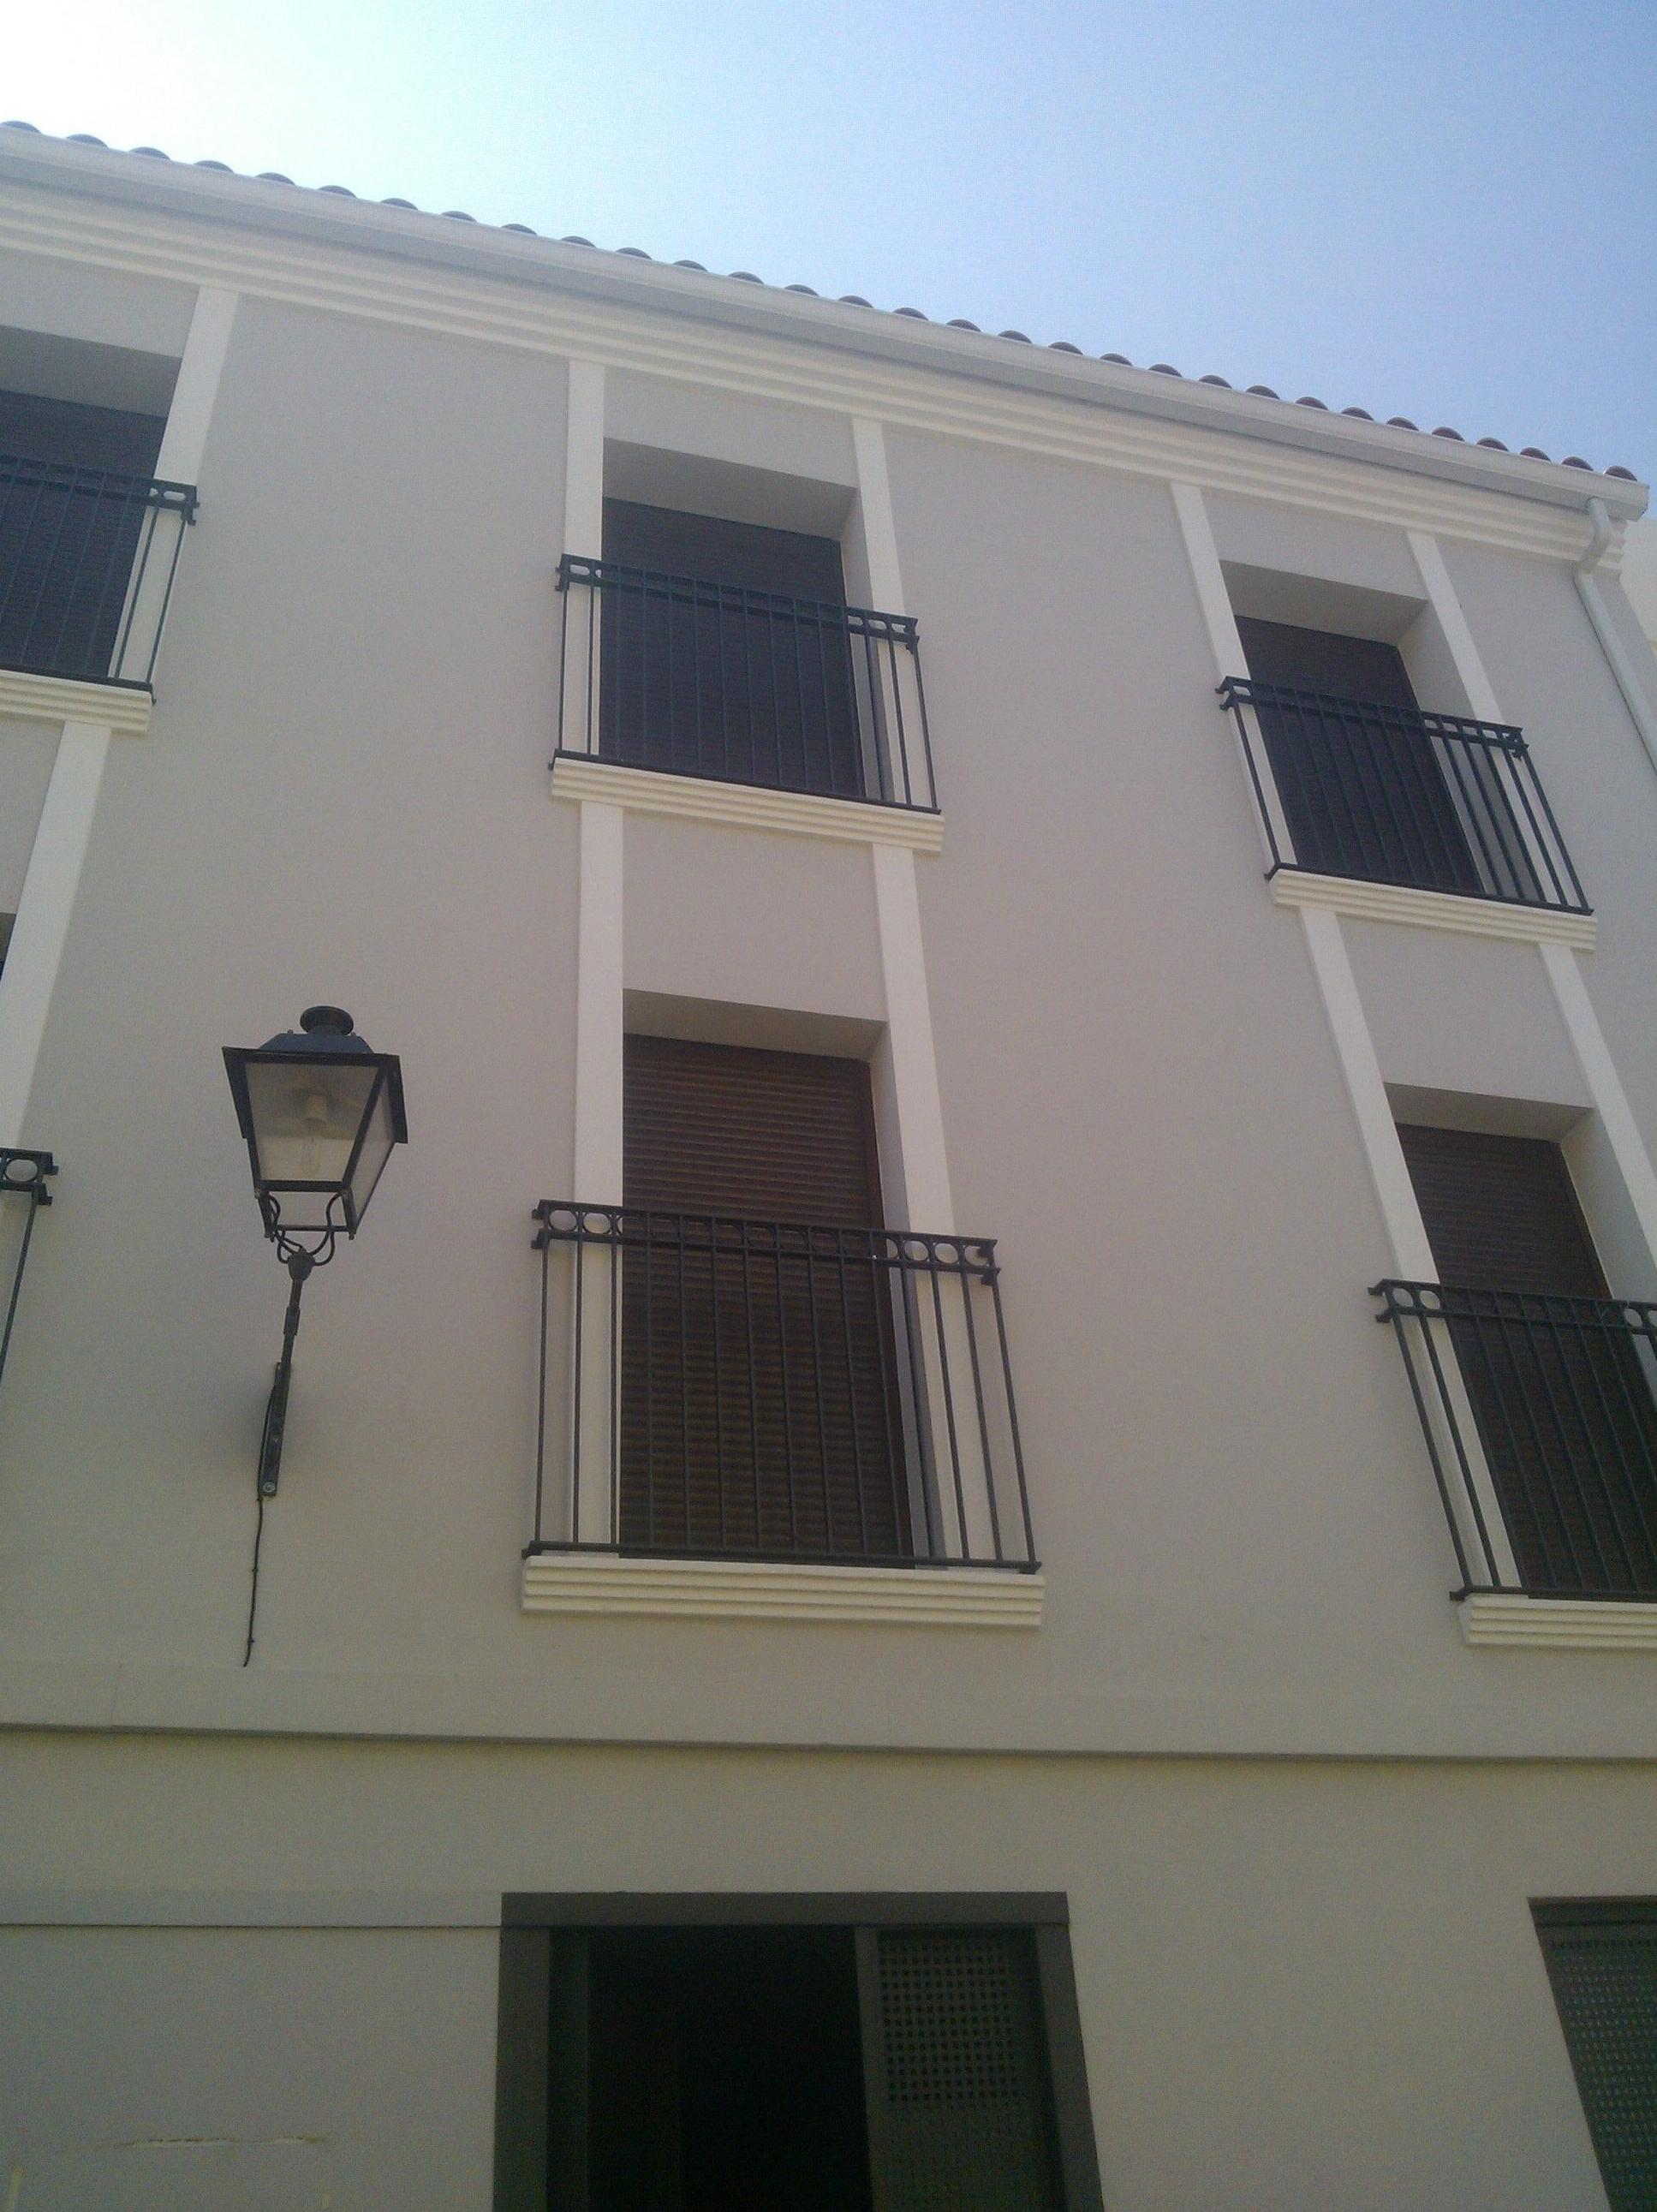 Balcones en calle Colon (Denia)